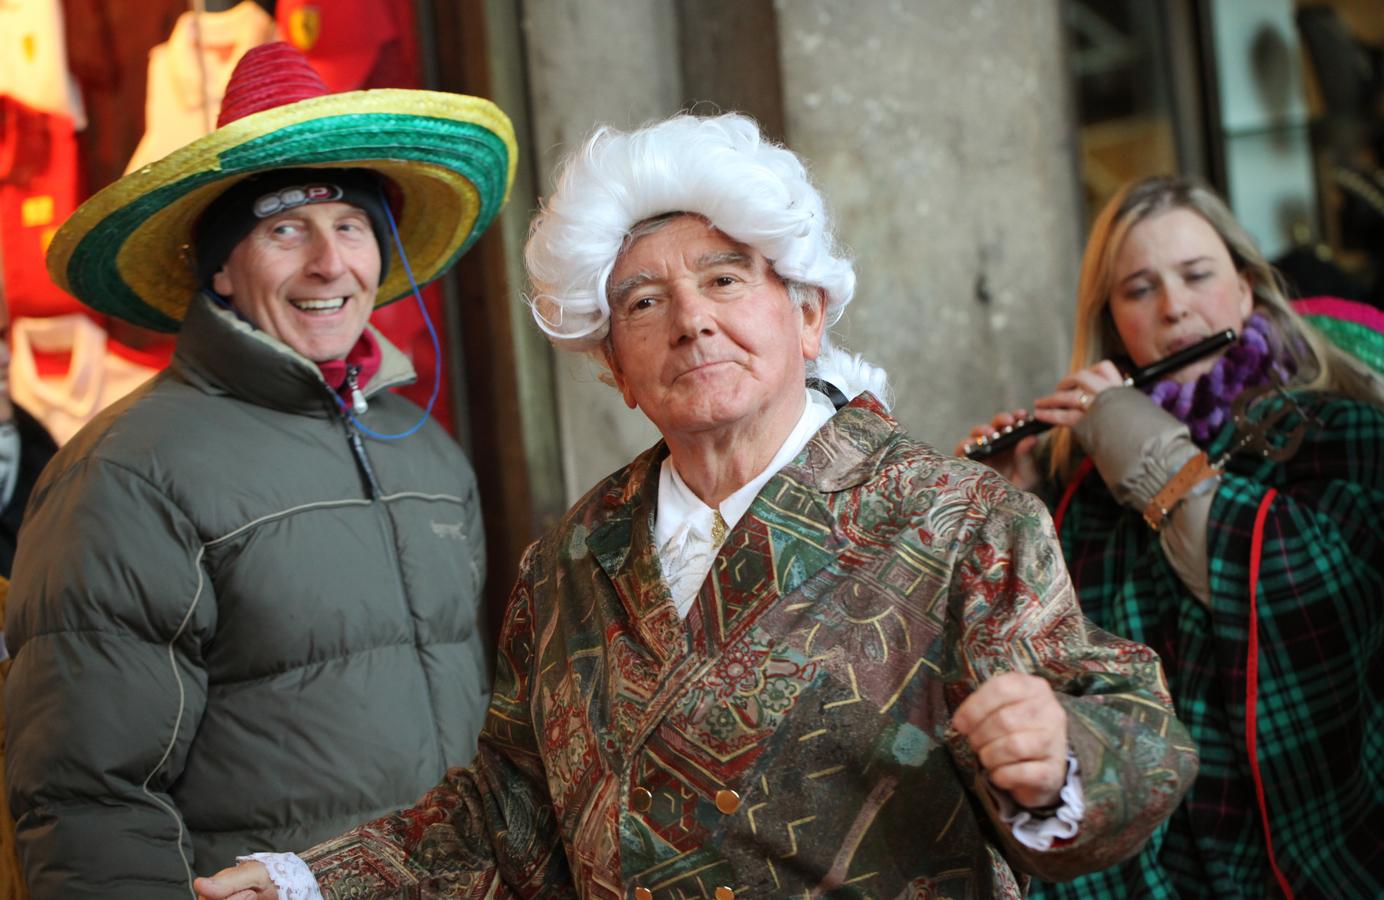 Z karnevalového průvodu v Benátkách